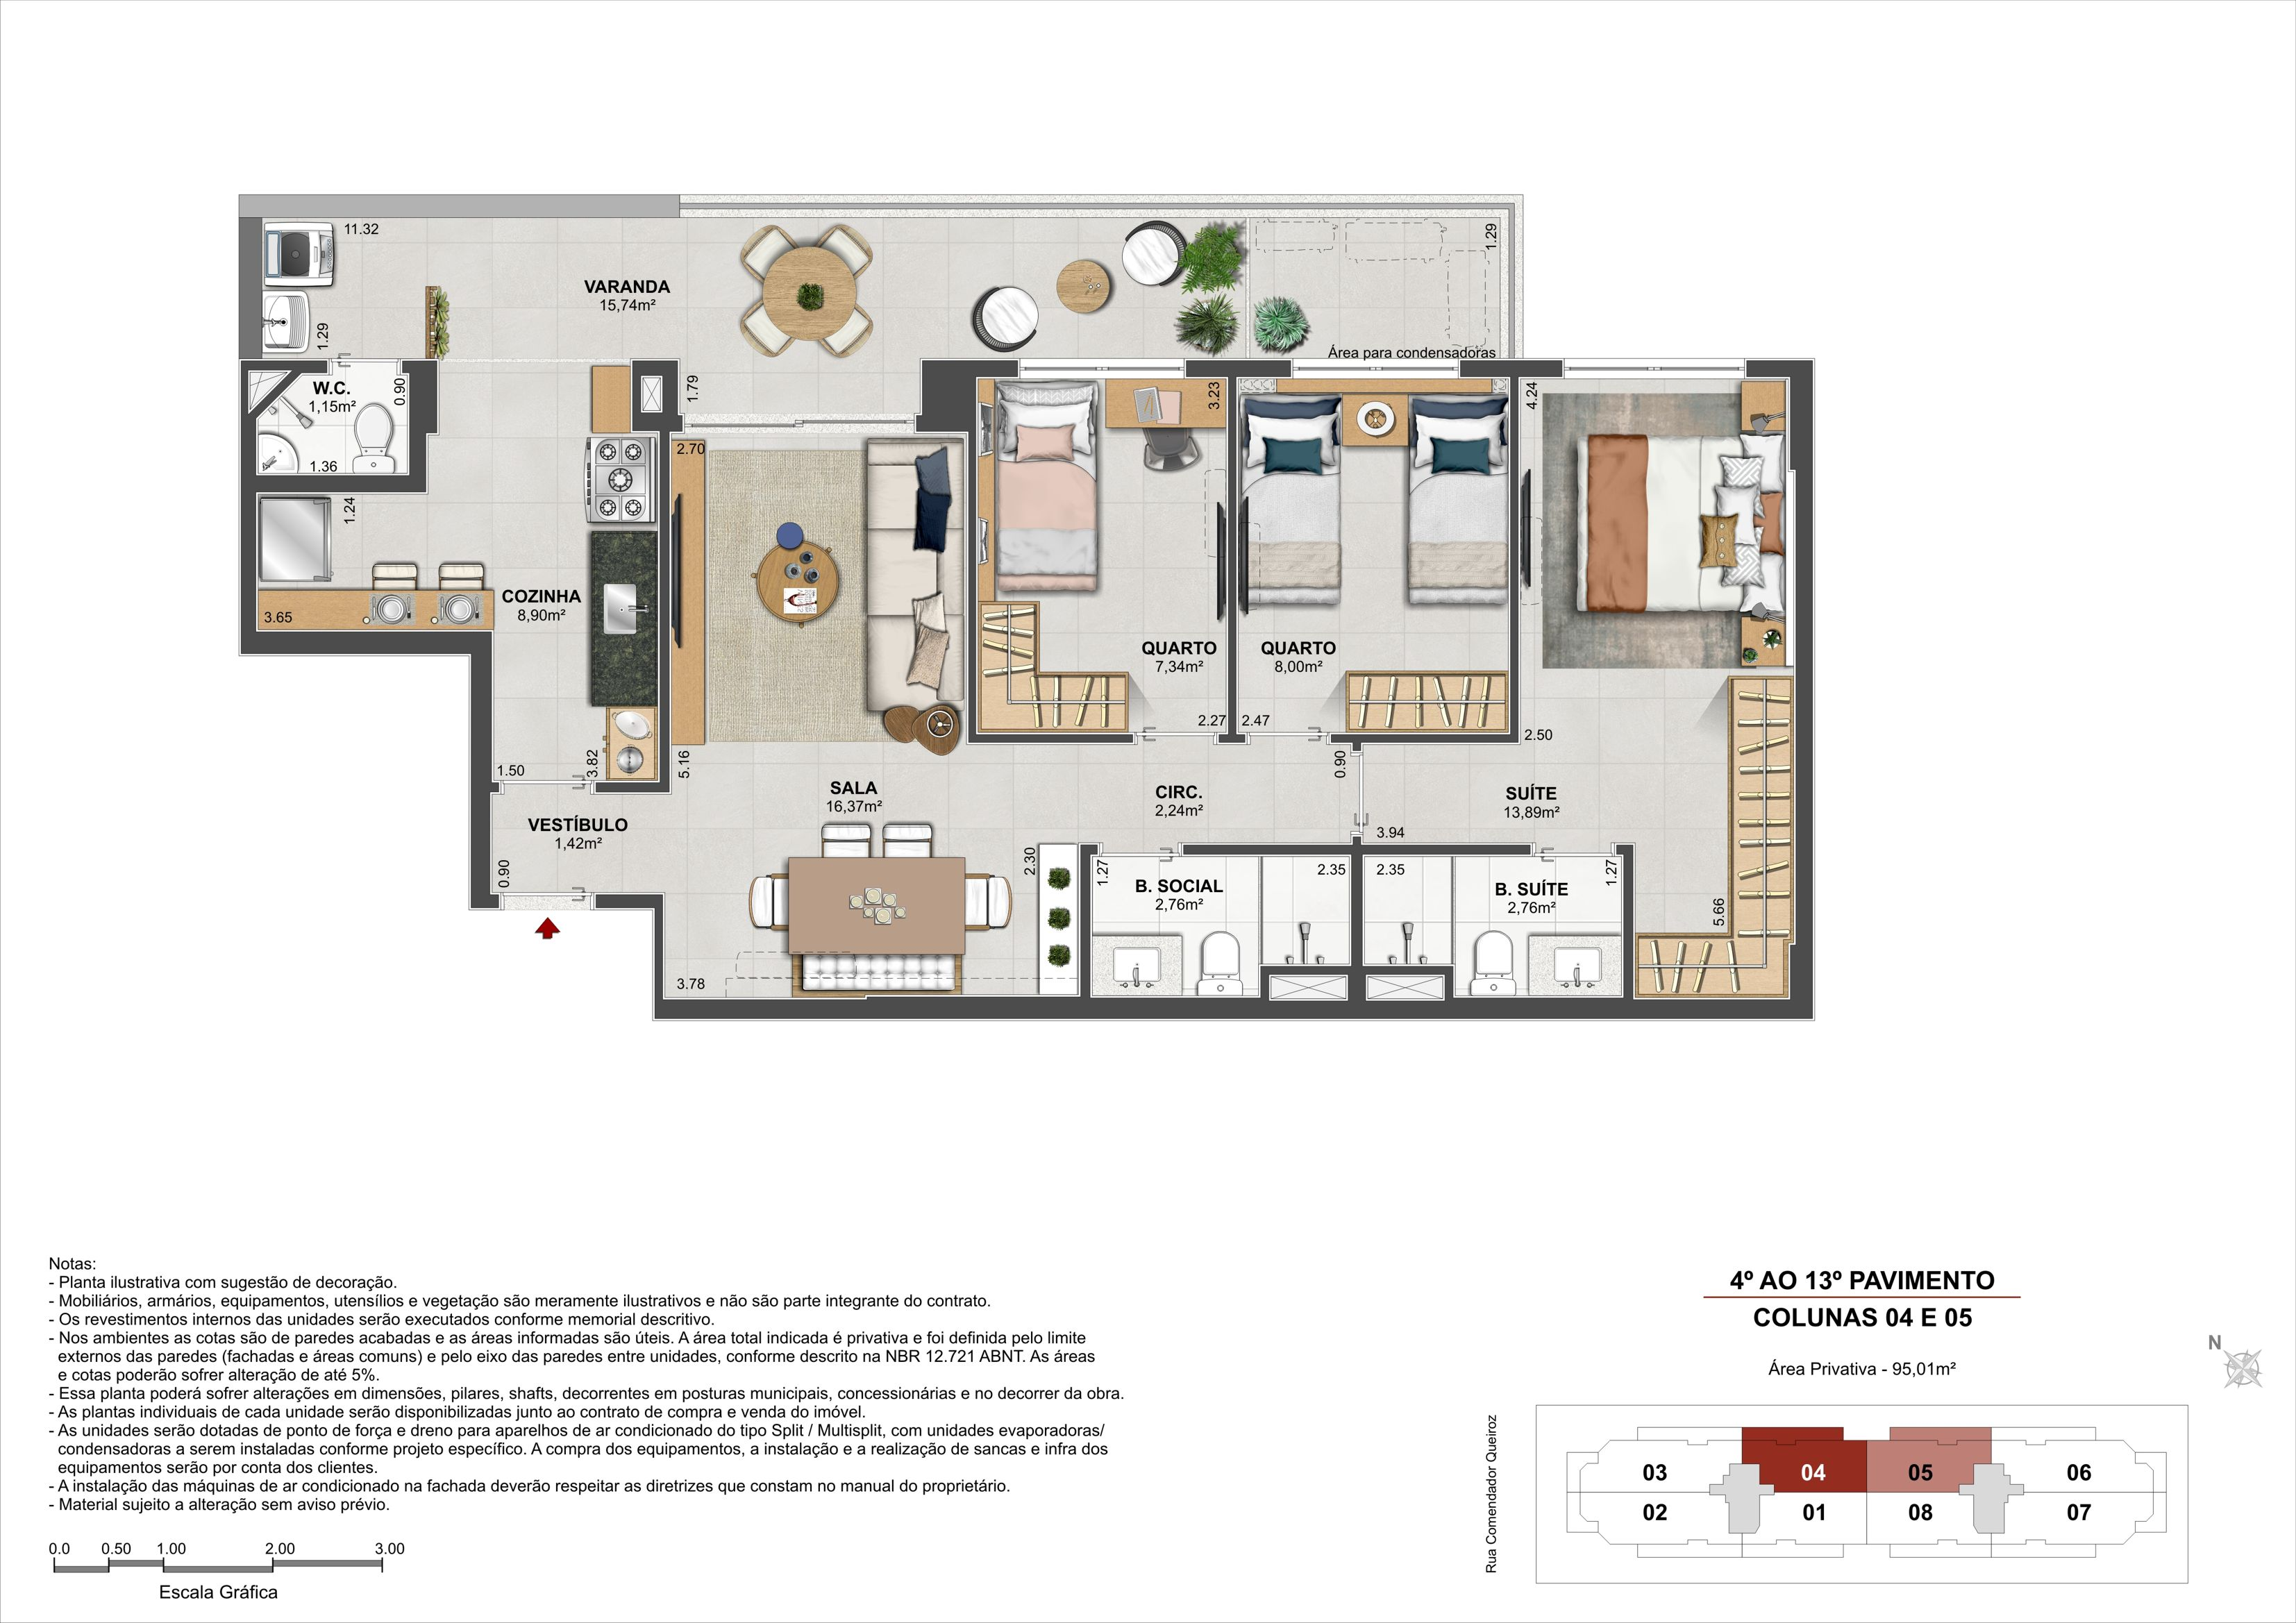 3 quartos - Área Privativa: 95,01m²